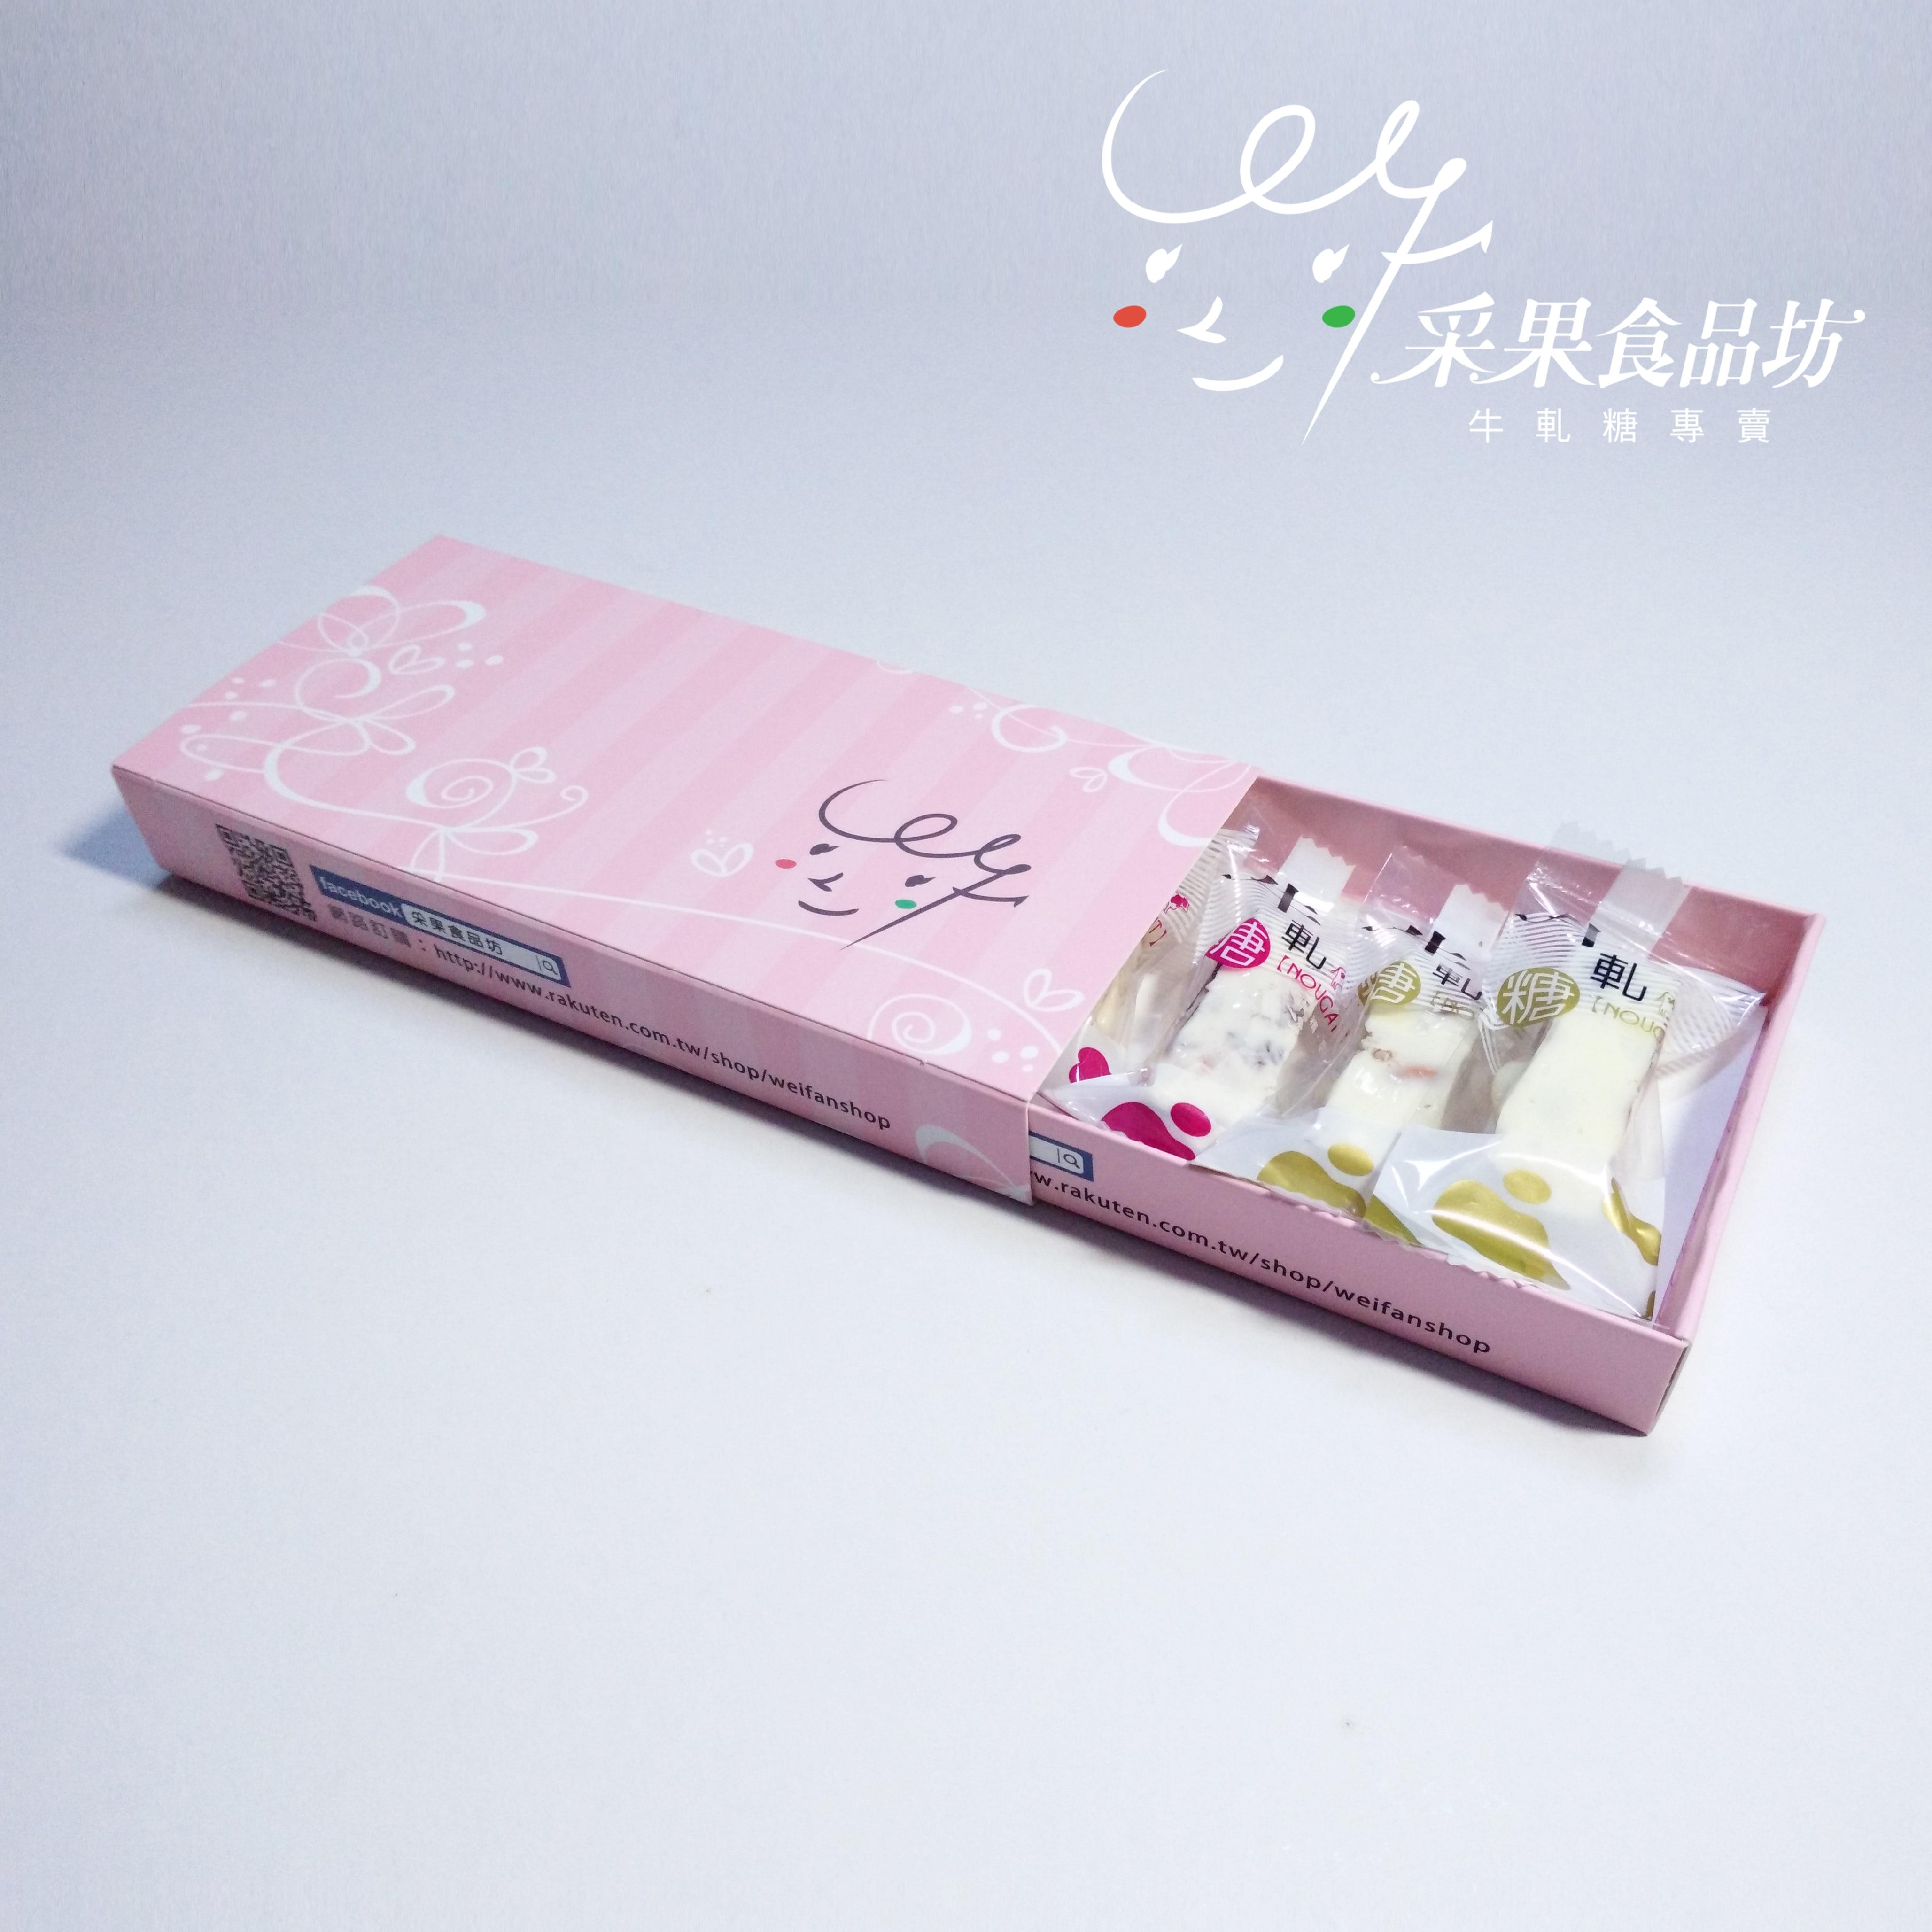 【采果食品坊】采果輕巧盒  72g / 盒 1